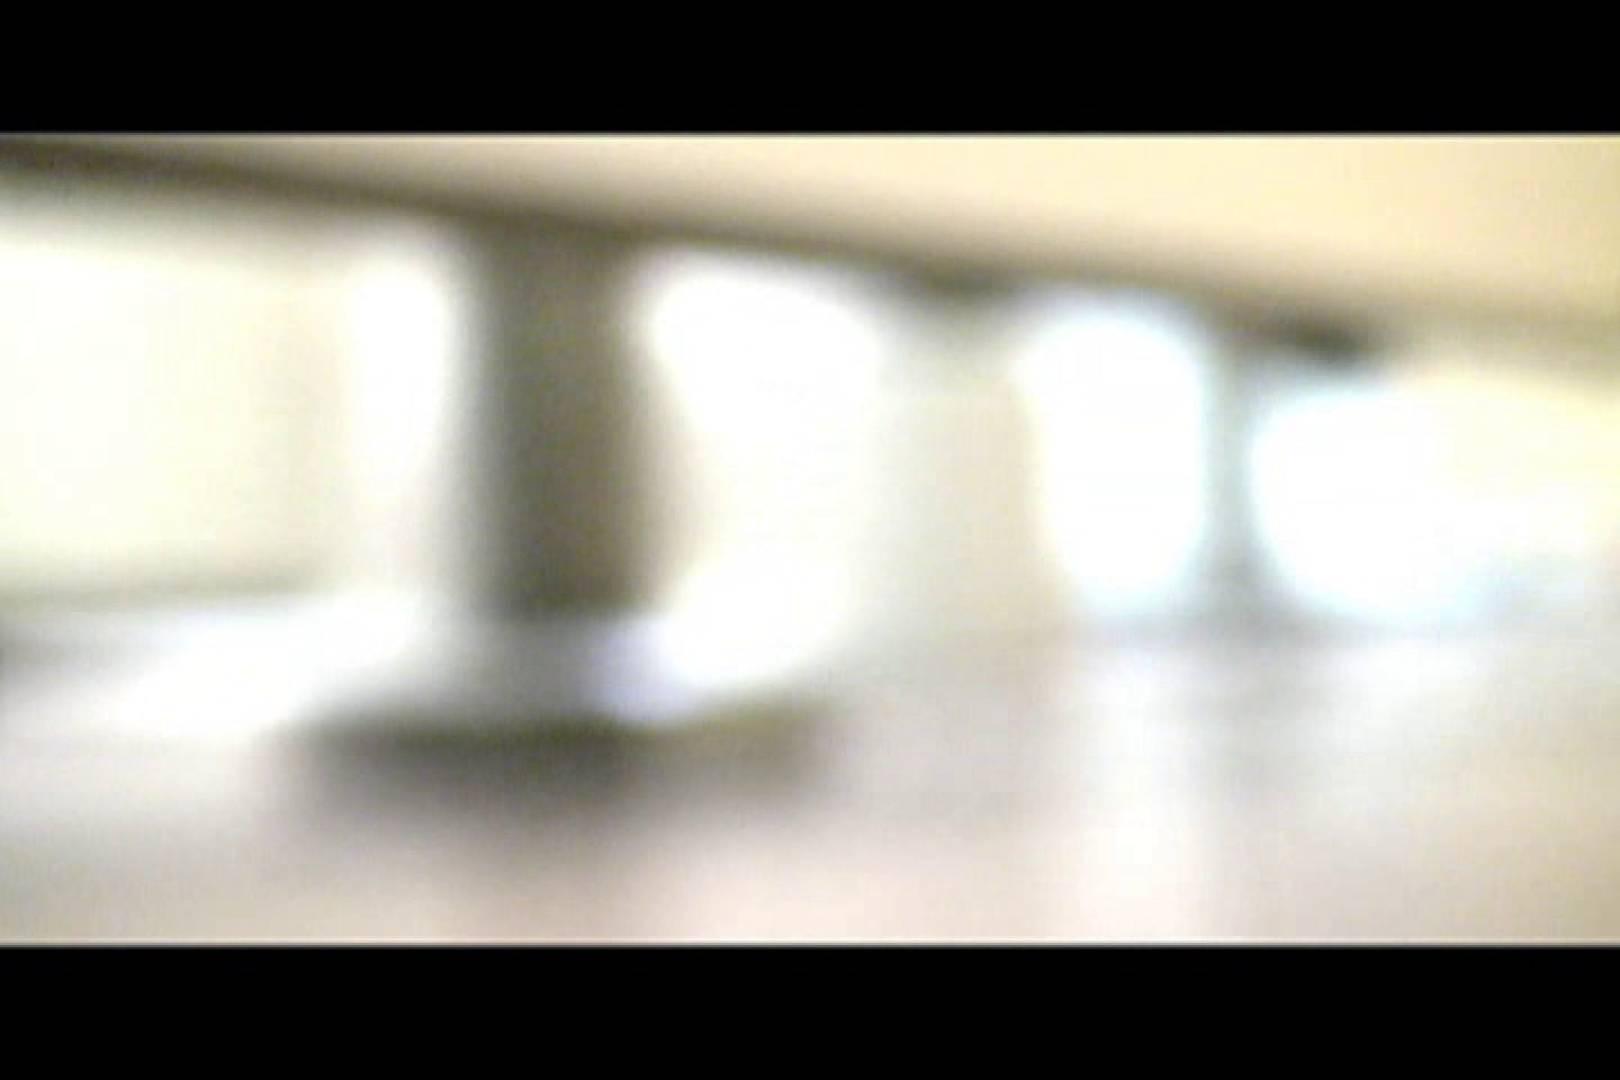 マンコ丸見え女子洗面所Vol.6 OL  78枚 14